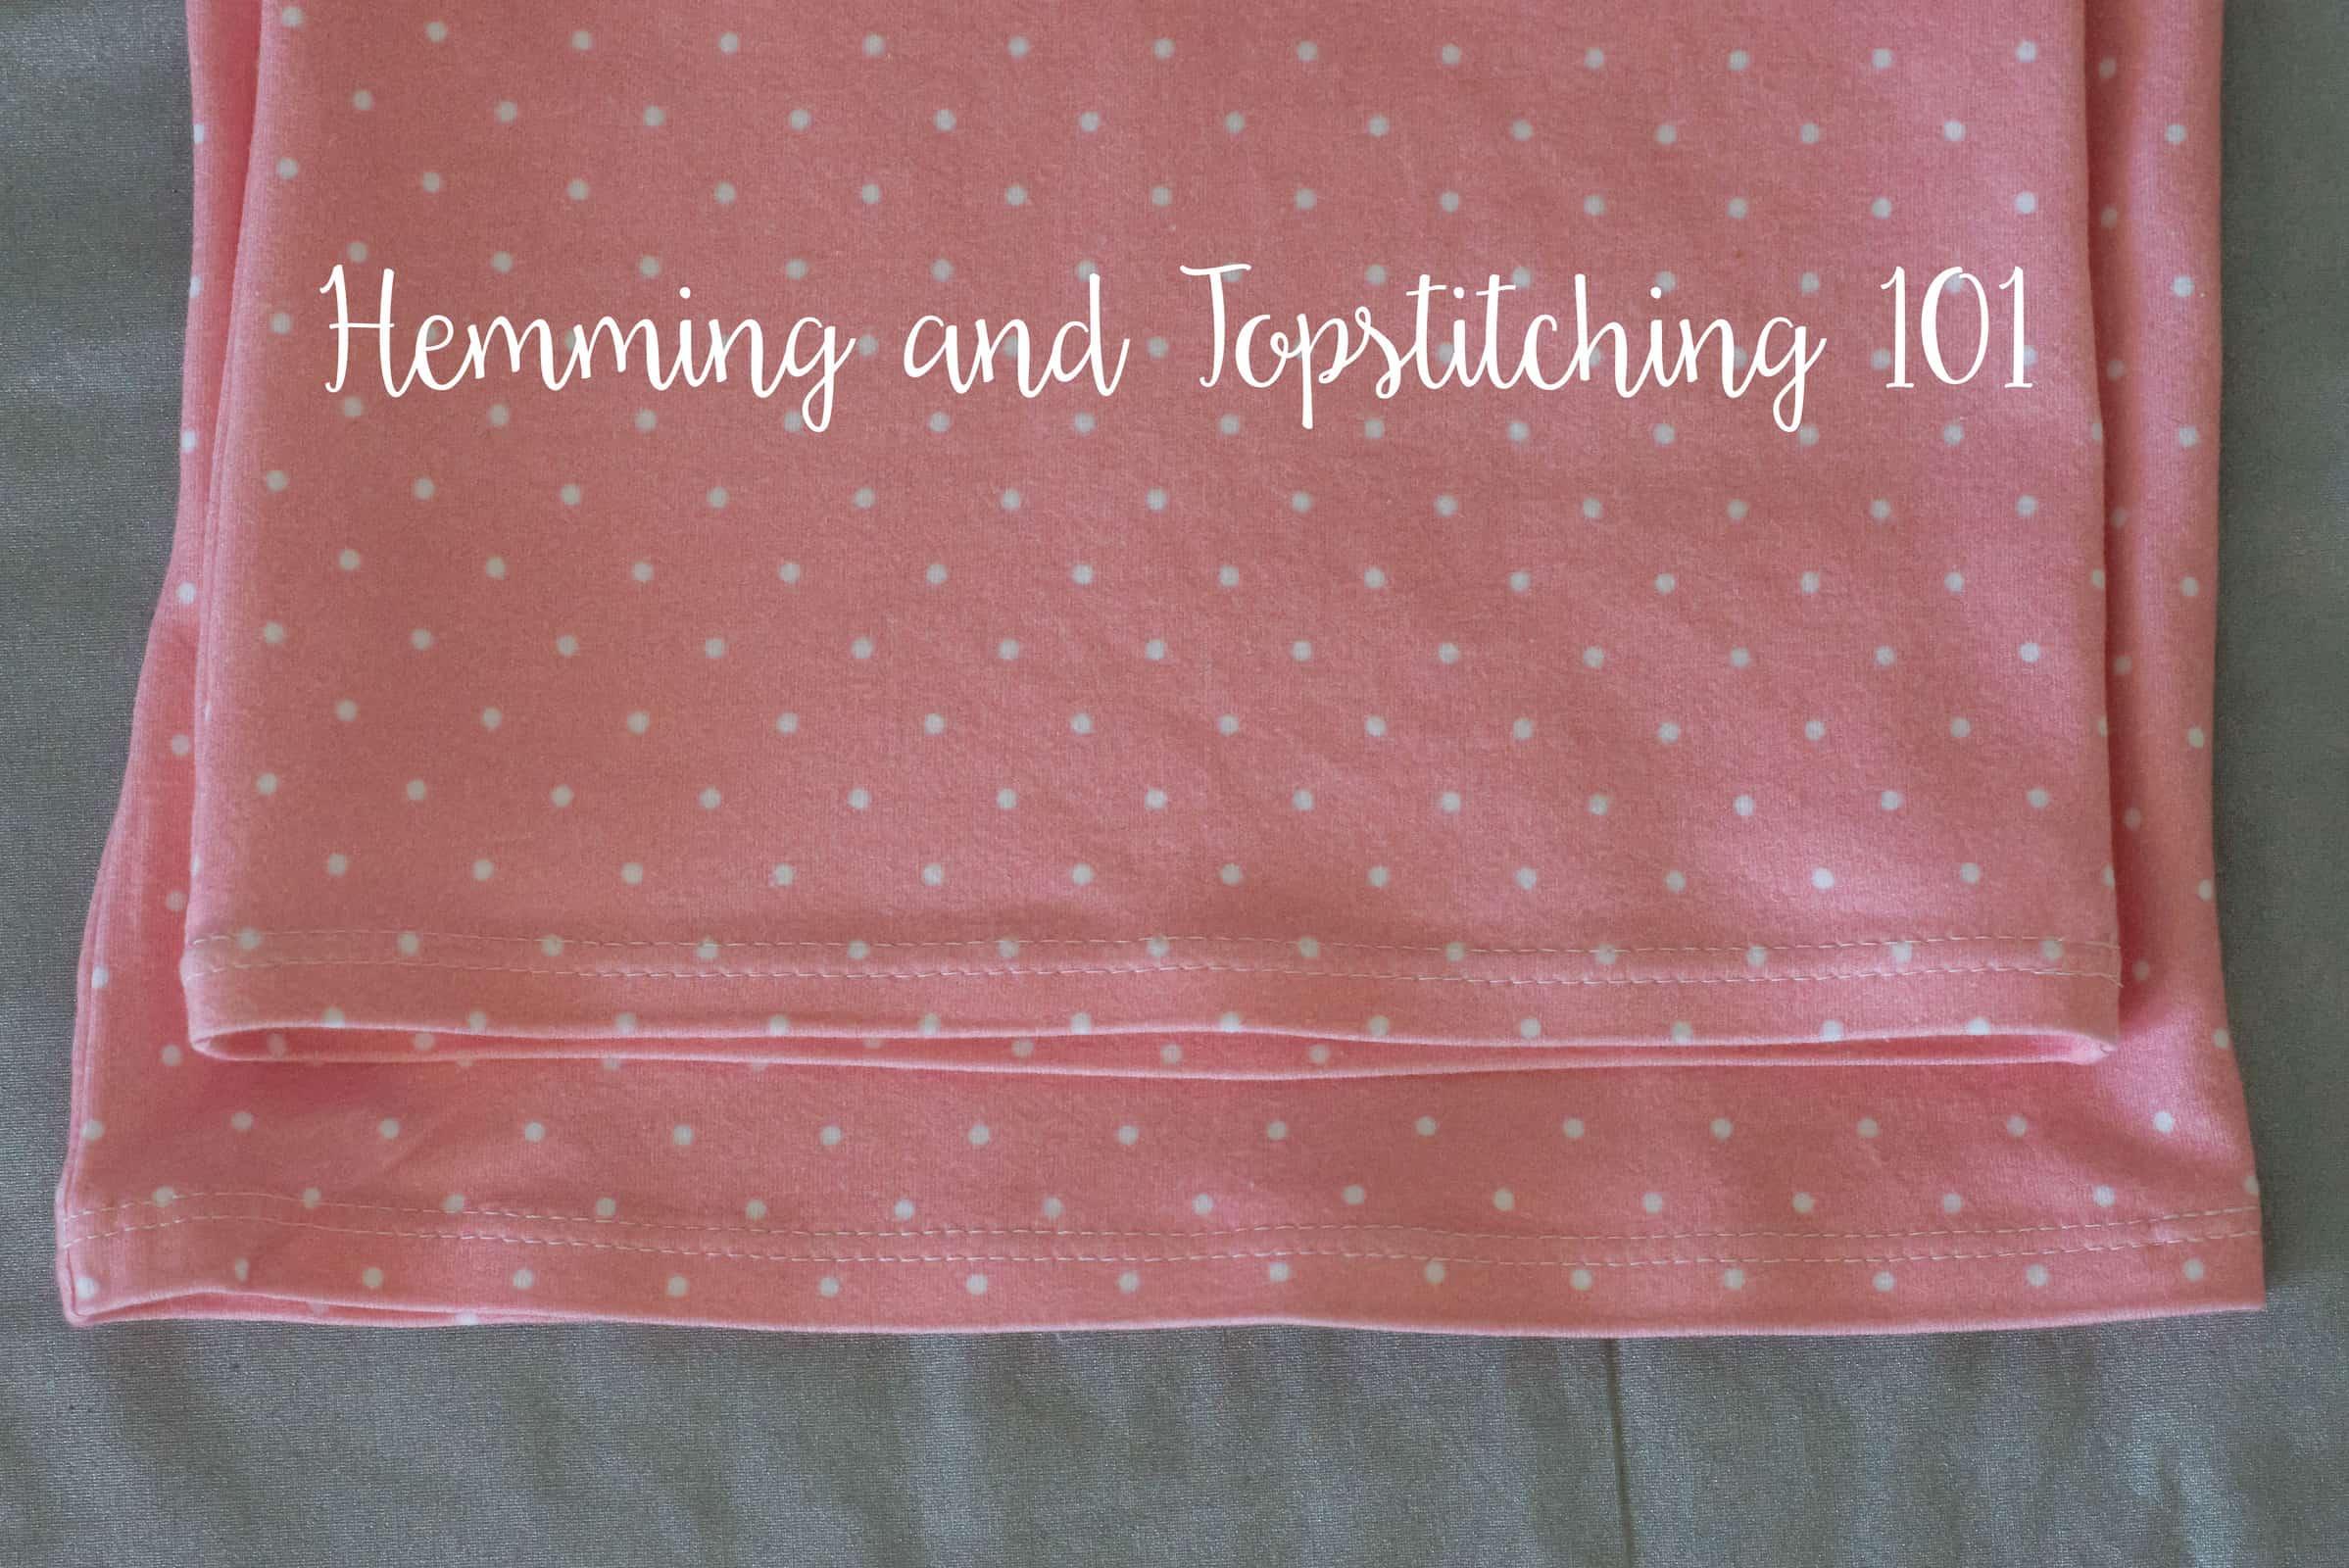 Hemming and Topstitching 101